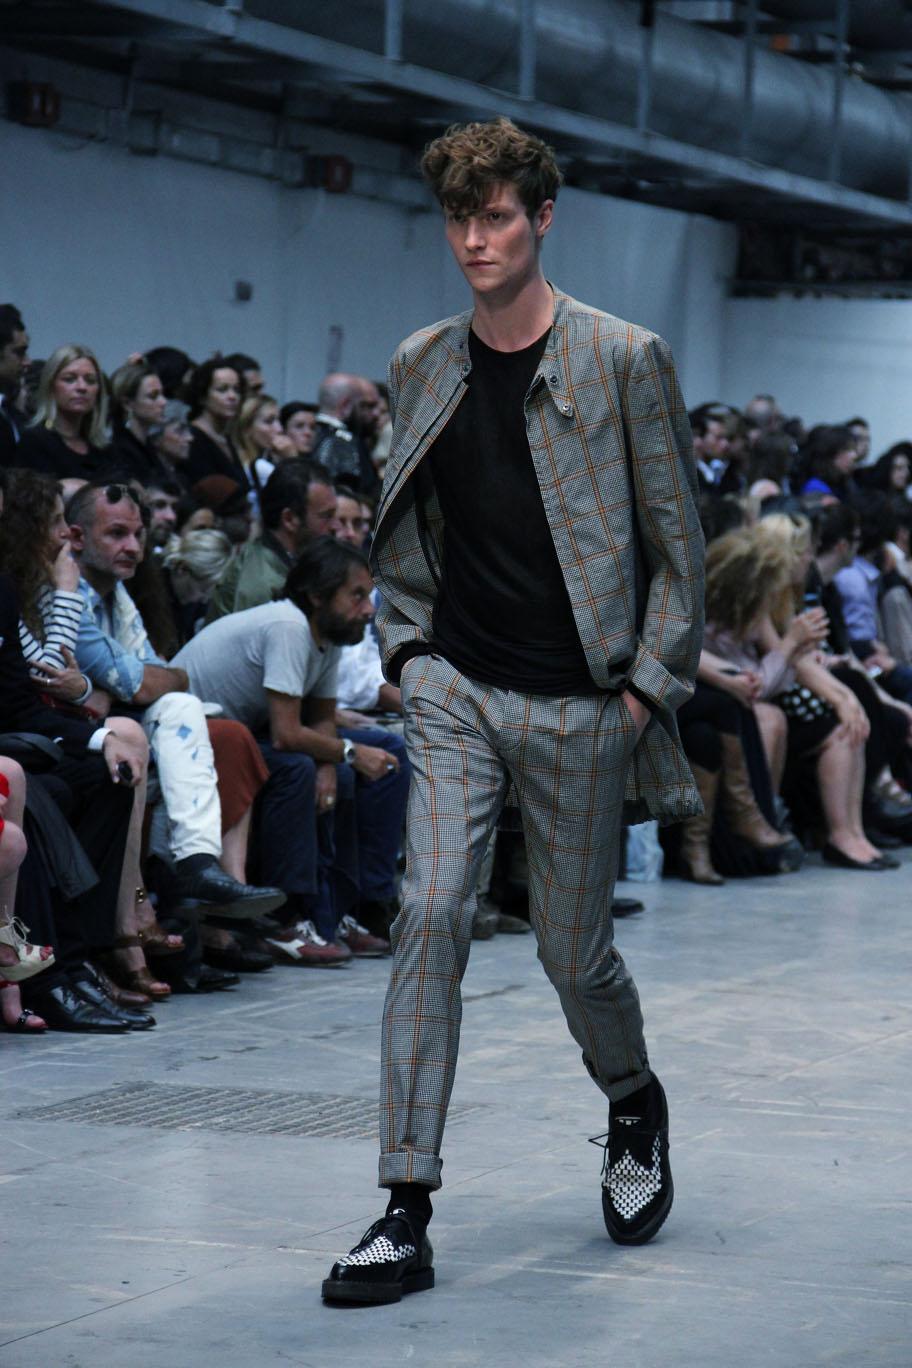 costume-national-homme-spring-summer-2012-men-collection-milano-fashion-week-2012-costume-national-homme-primavera-estate-costume-national-homme-fashion-show-catwalk-2012